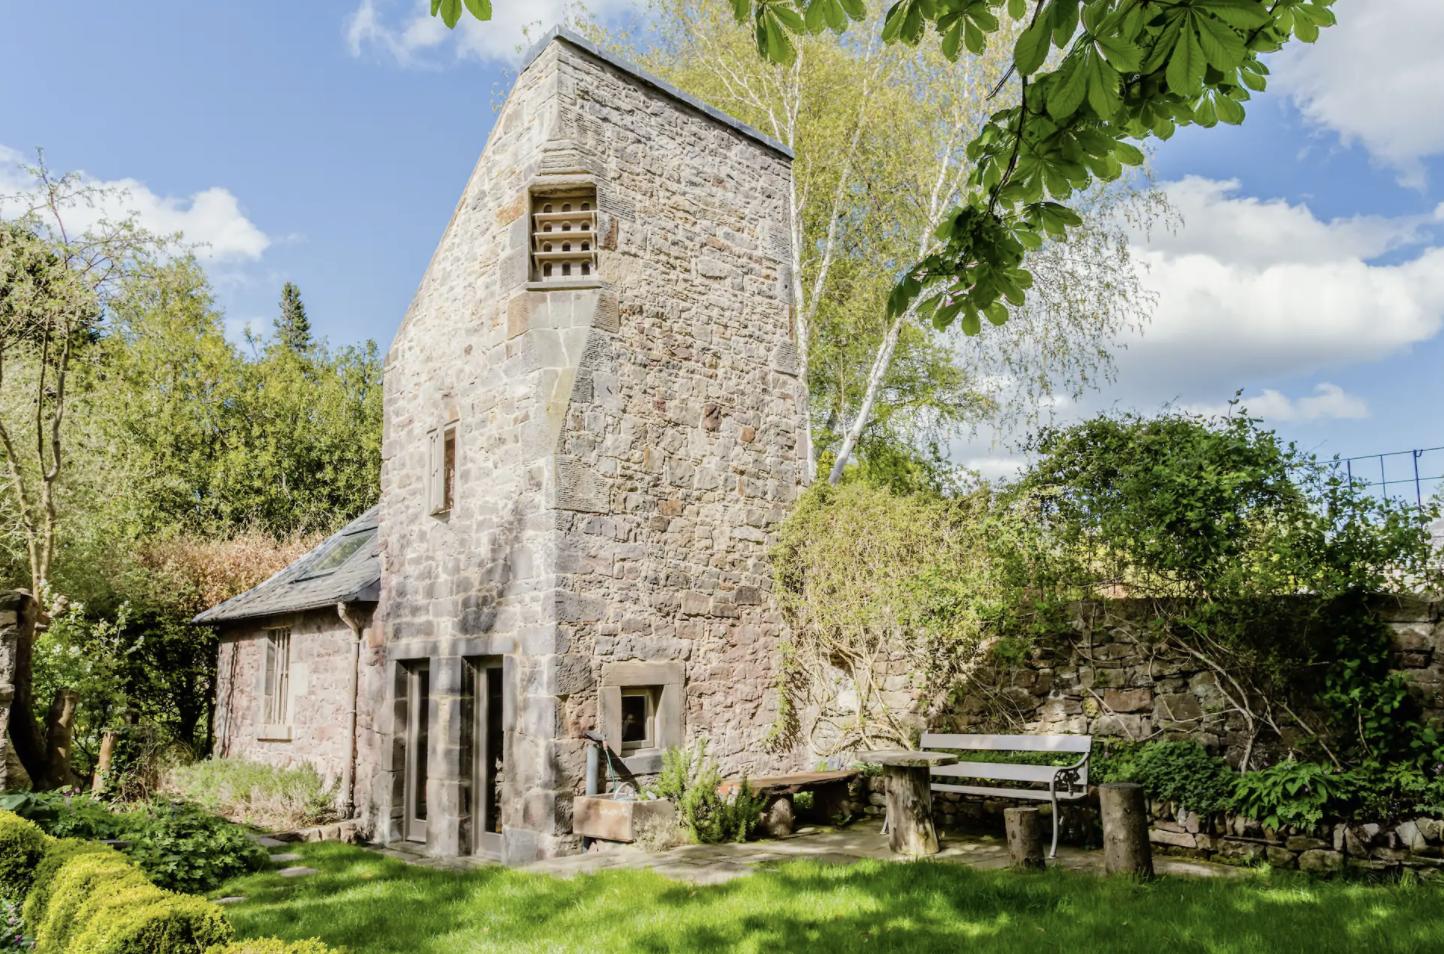 Scottish dovecote airbnb